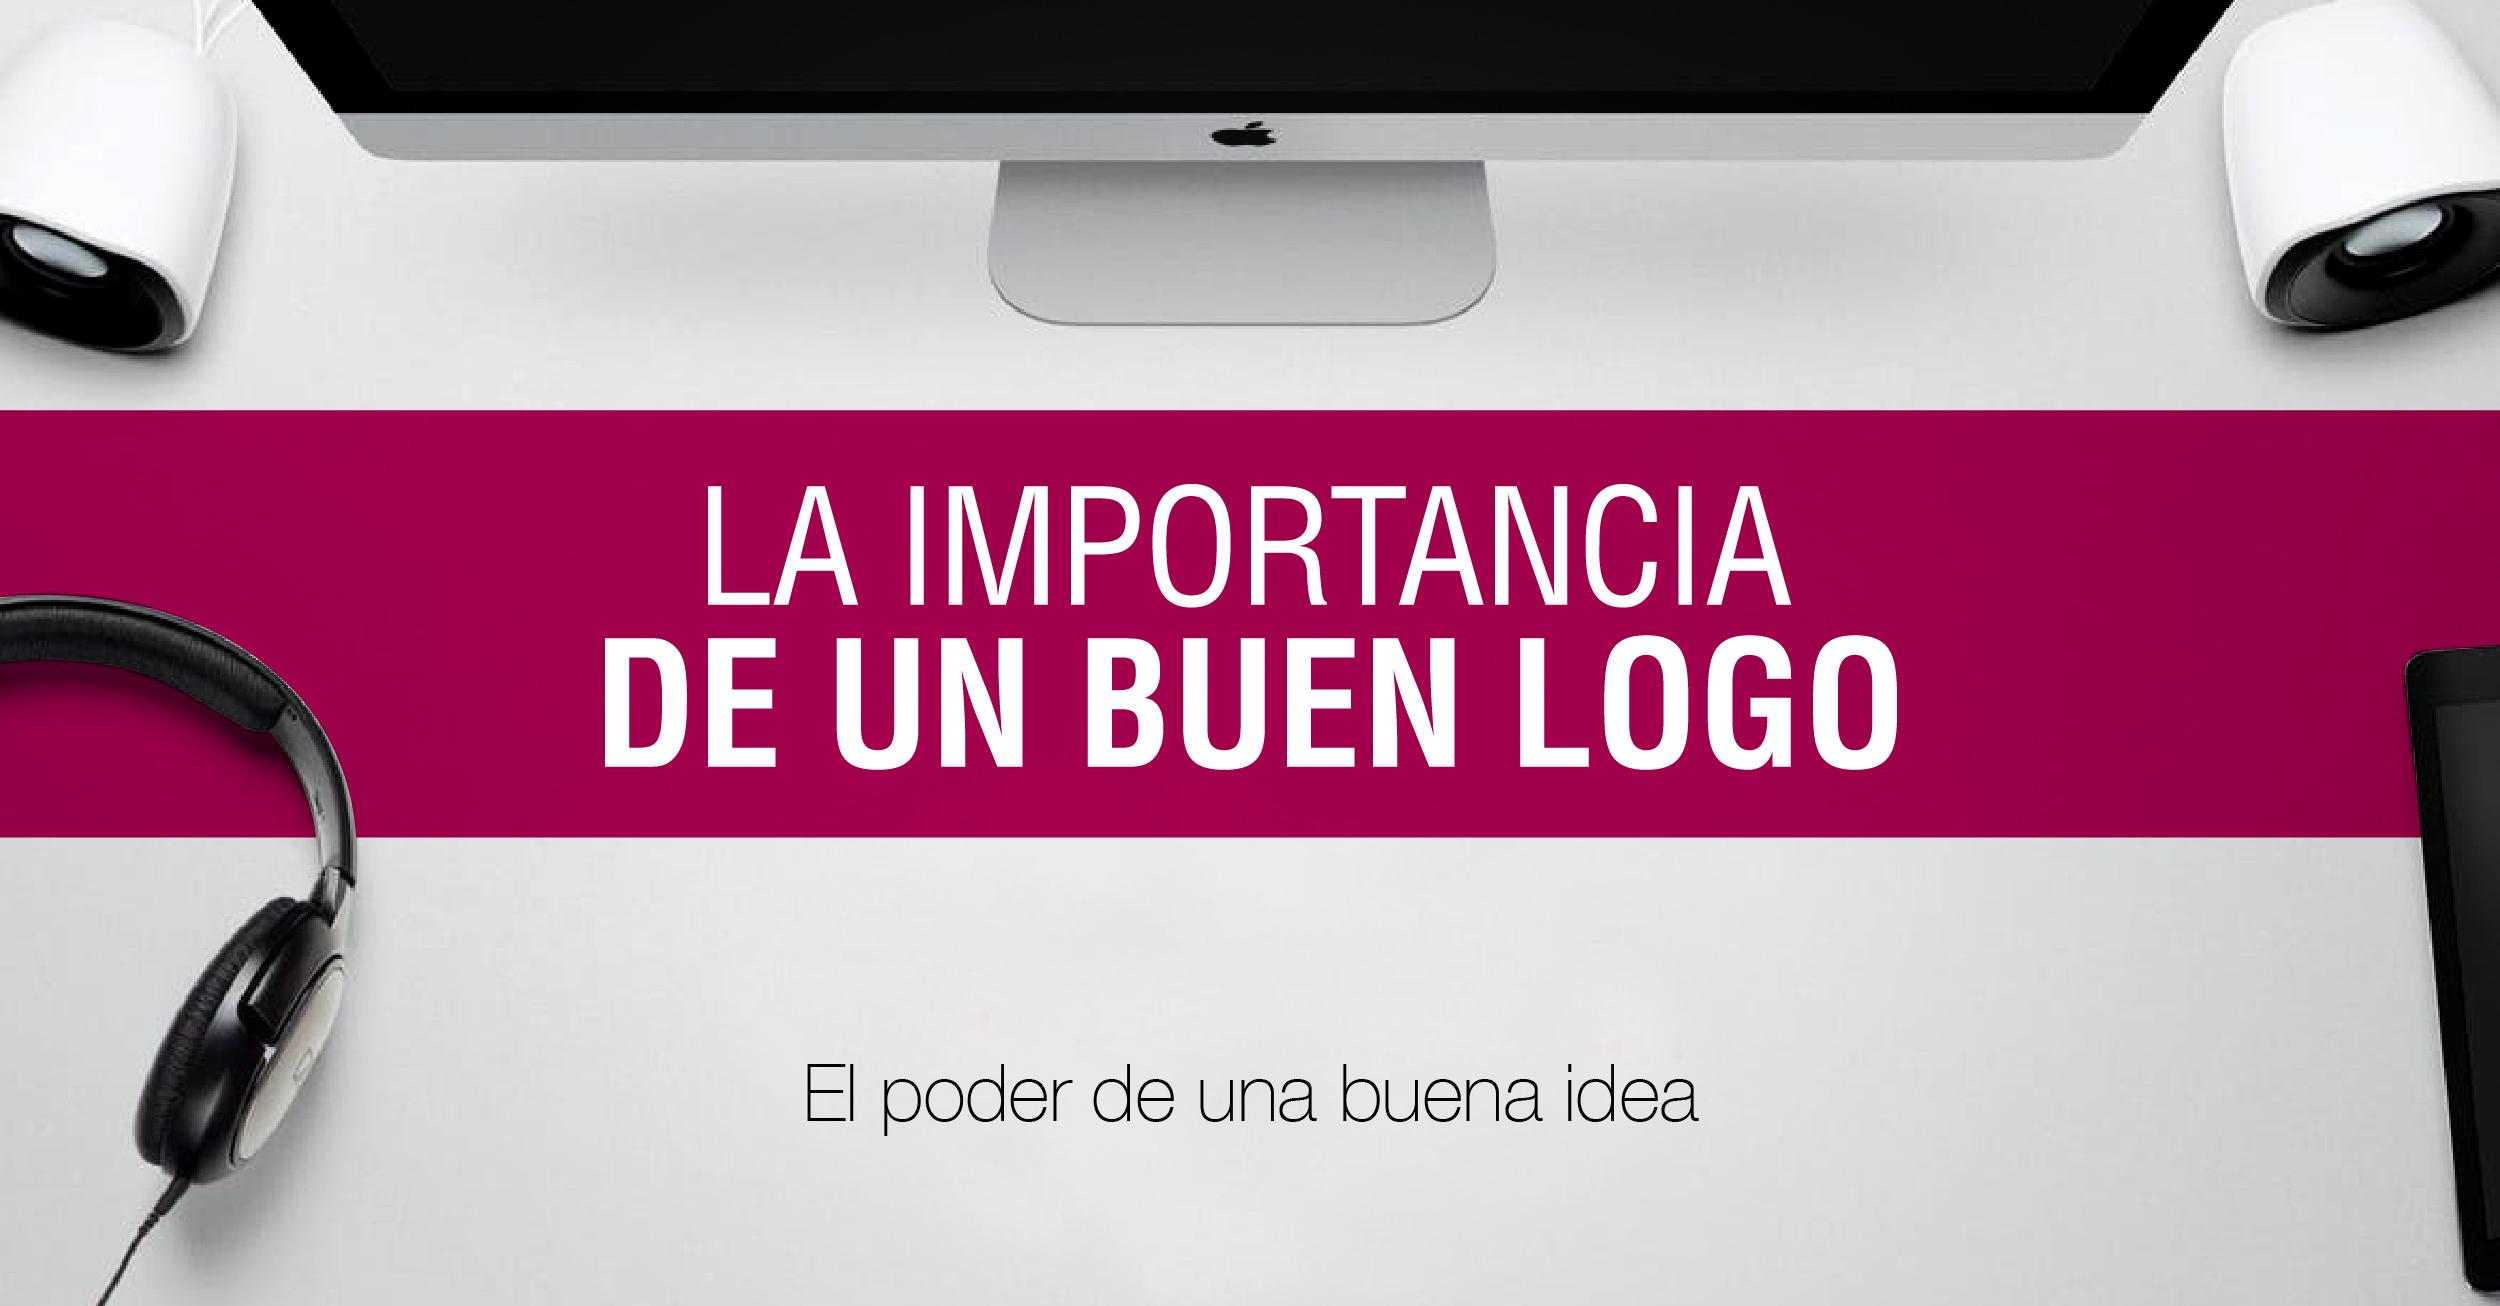 La importancia de un buen Logo